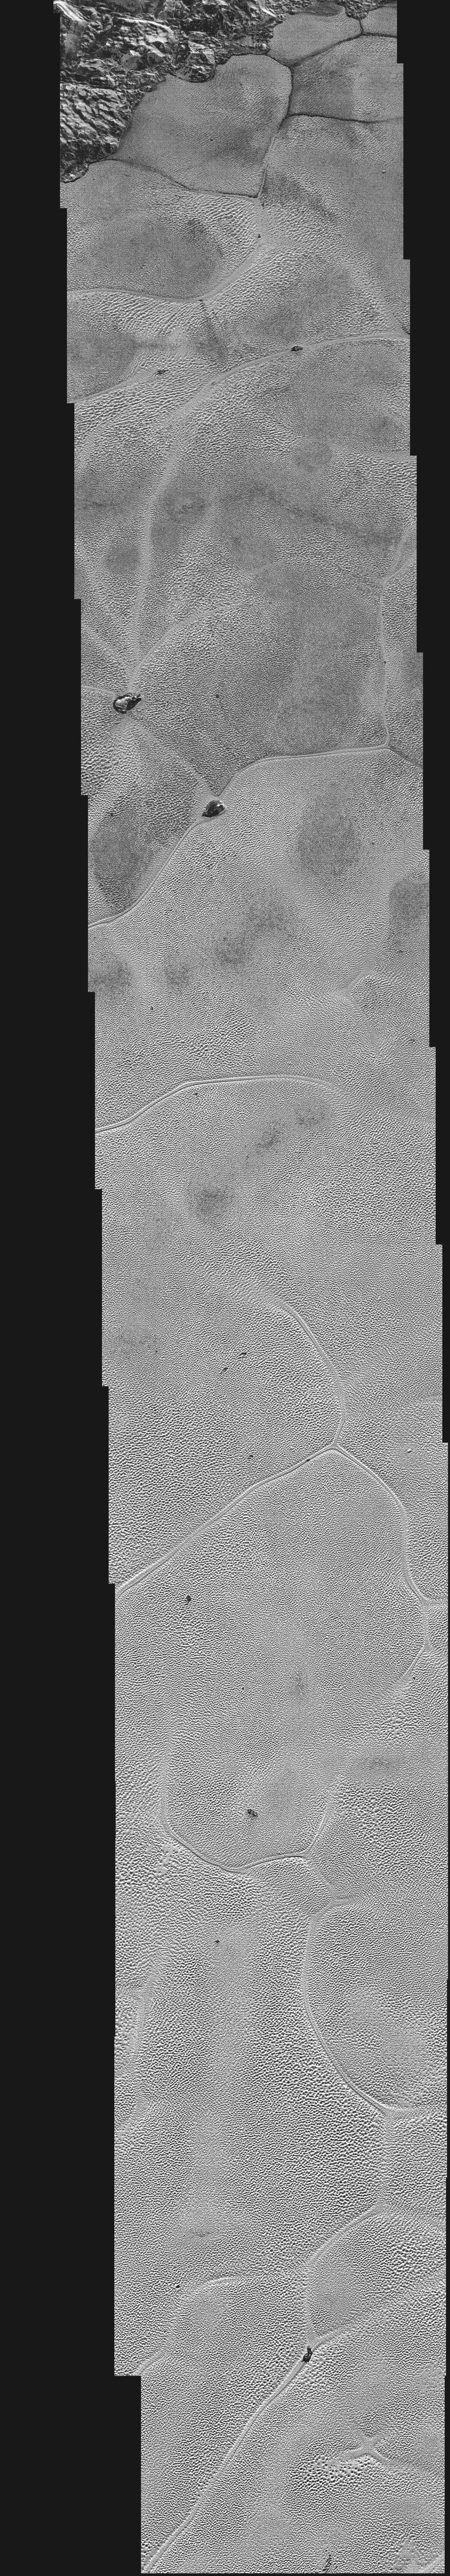 sputnik düzlüğü kemeri